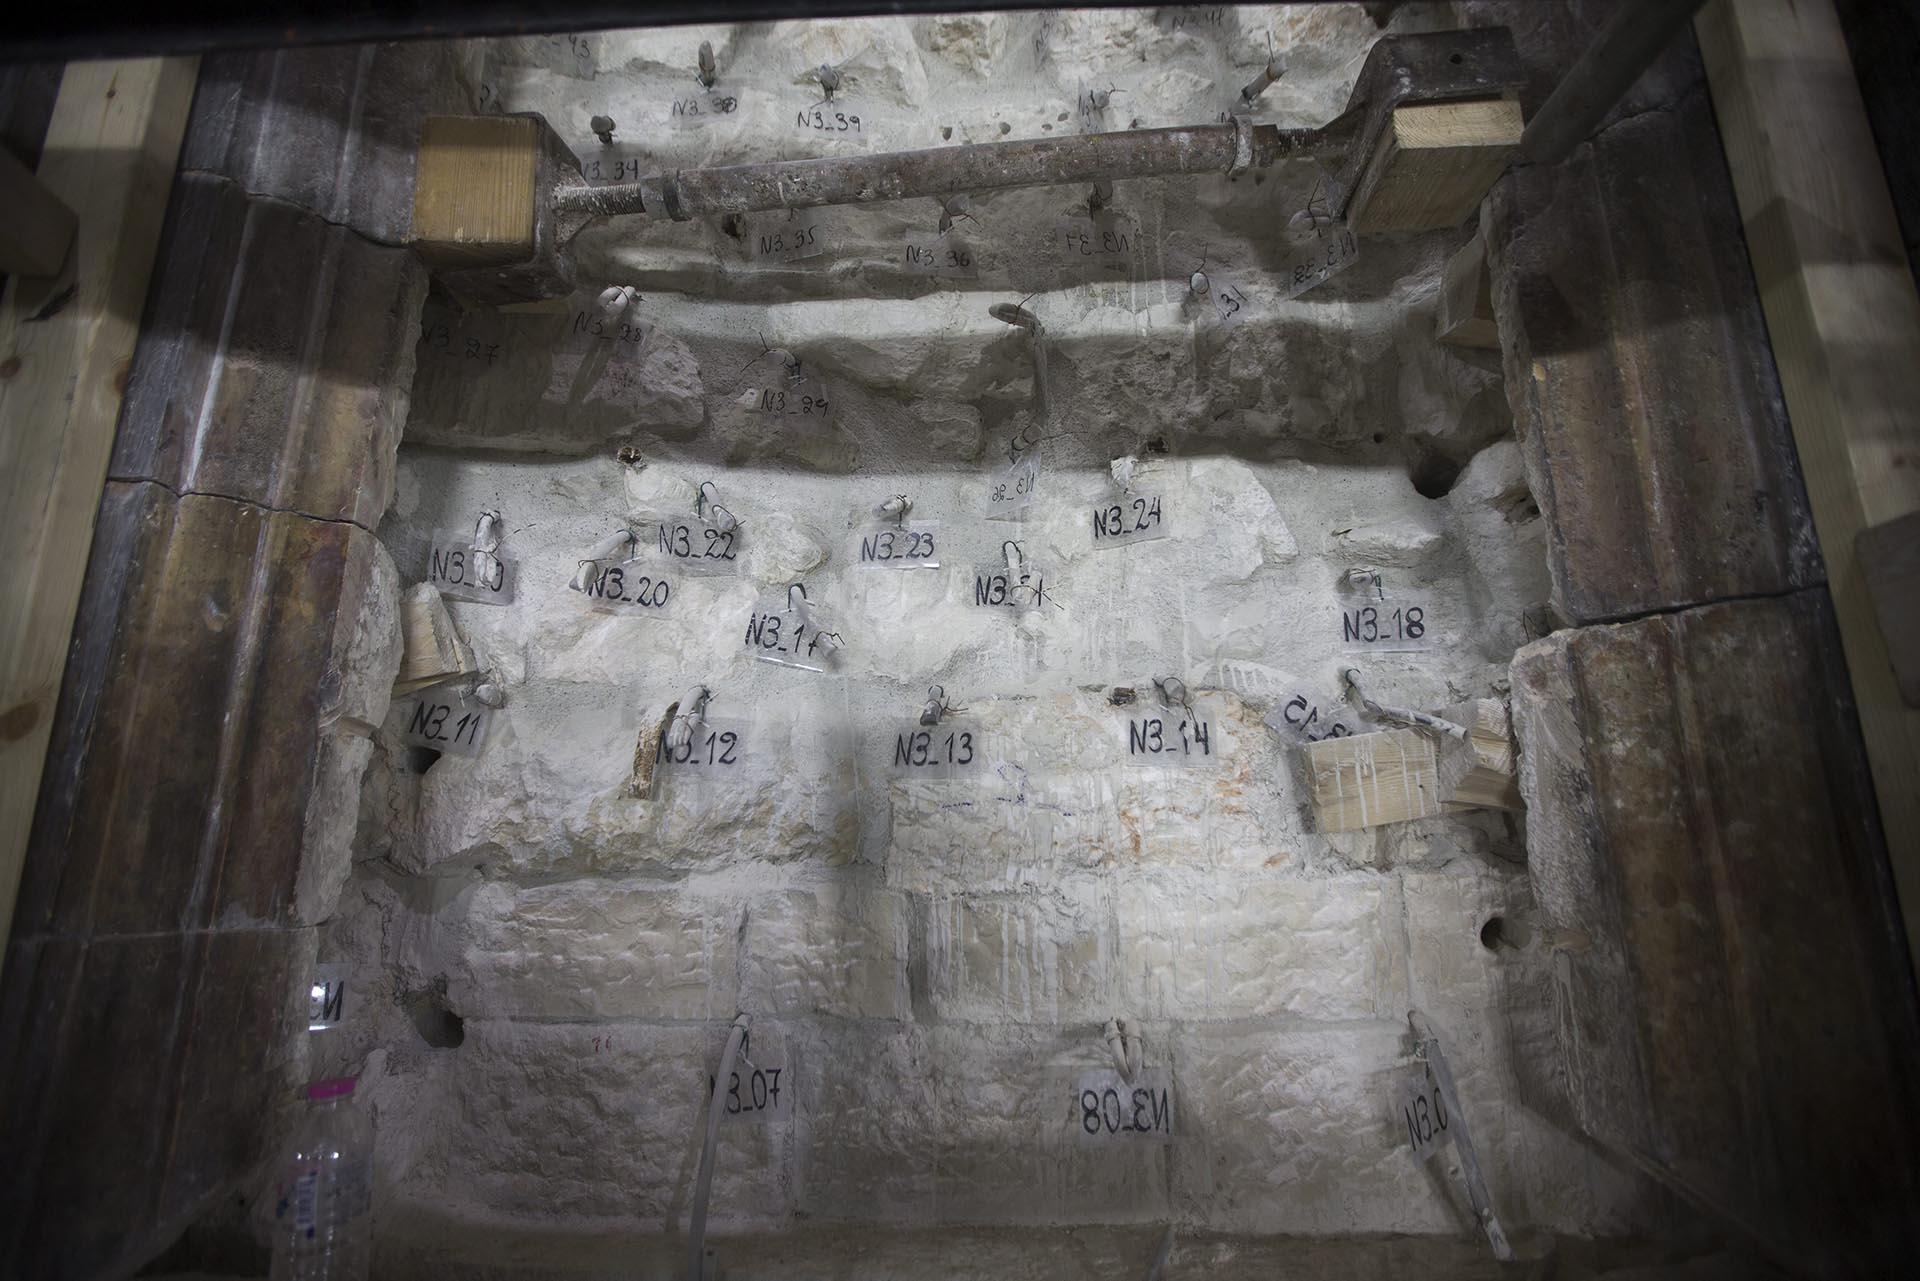 JES19 JERUSALÉN (ISRAEL) 24/11/2016.- Vista de las restauraciones de la tumba de Jesucristo en la Iglesia de la Santa Sepultura en Jerusalén, Israel, hoy, 24 de noviembre de 2016. Una larga operación comenzó en octubre como parte de los trabajos de conservación, de la que se cree que pudo haber sido la tumba de Jesucristo. EFE/Atef Safadi